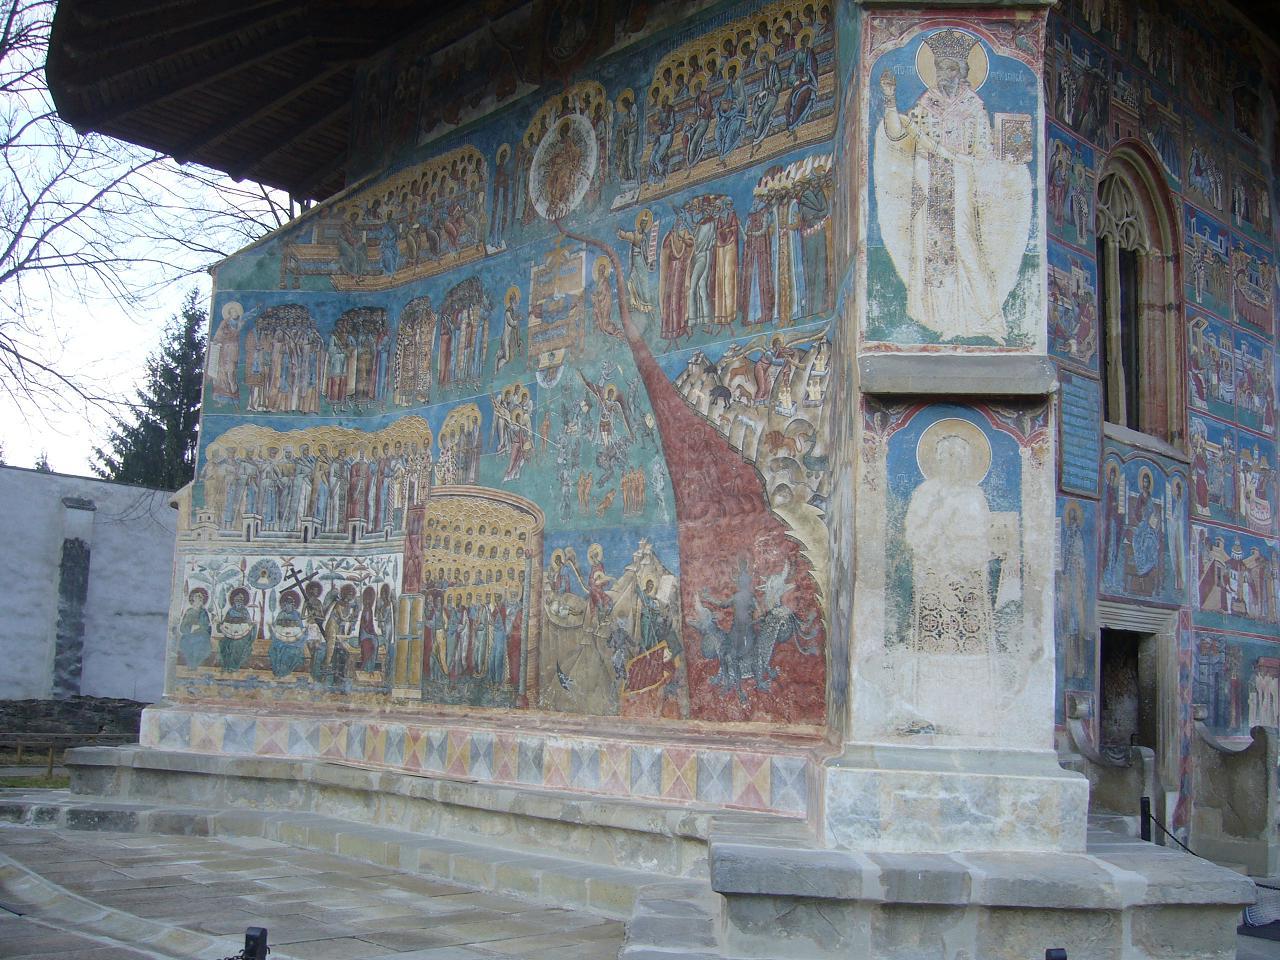 detaliu foarte bine conservat pe unul dintre pereții de la Mânăstirea Voroneț